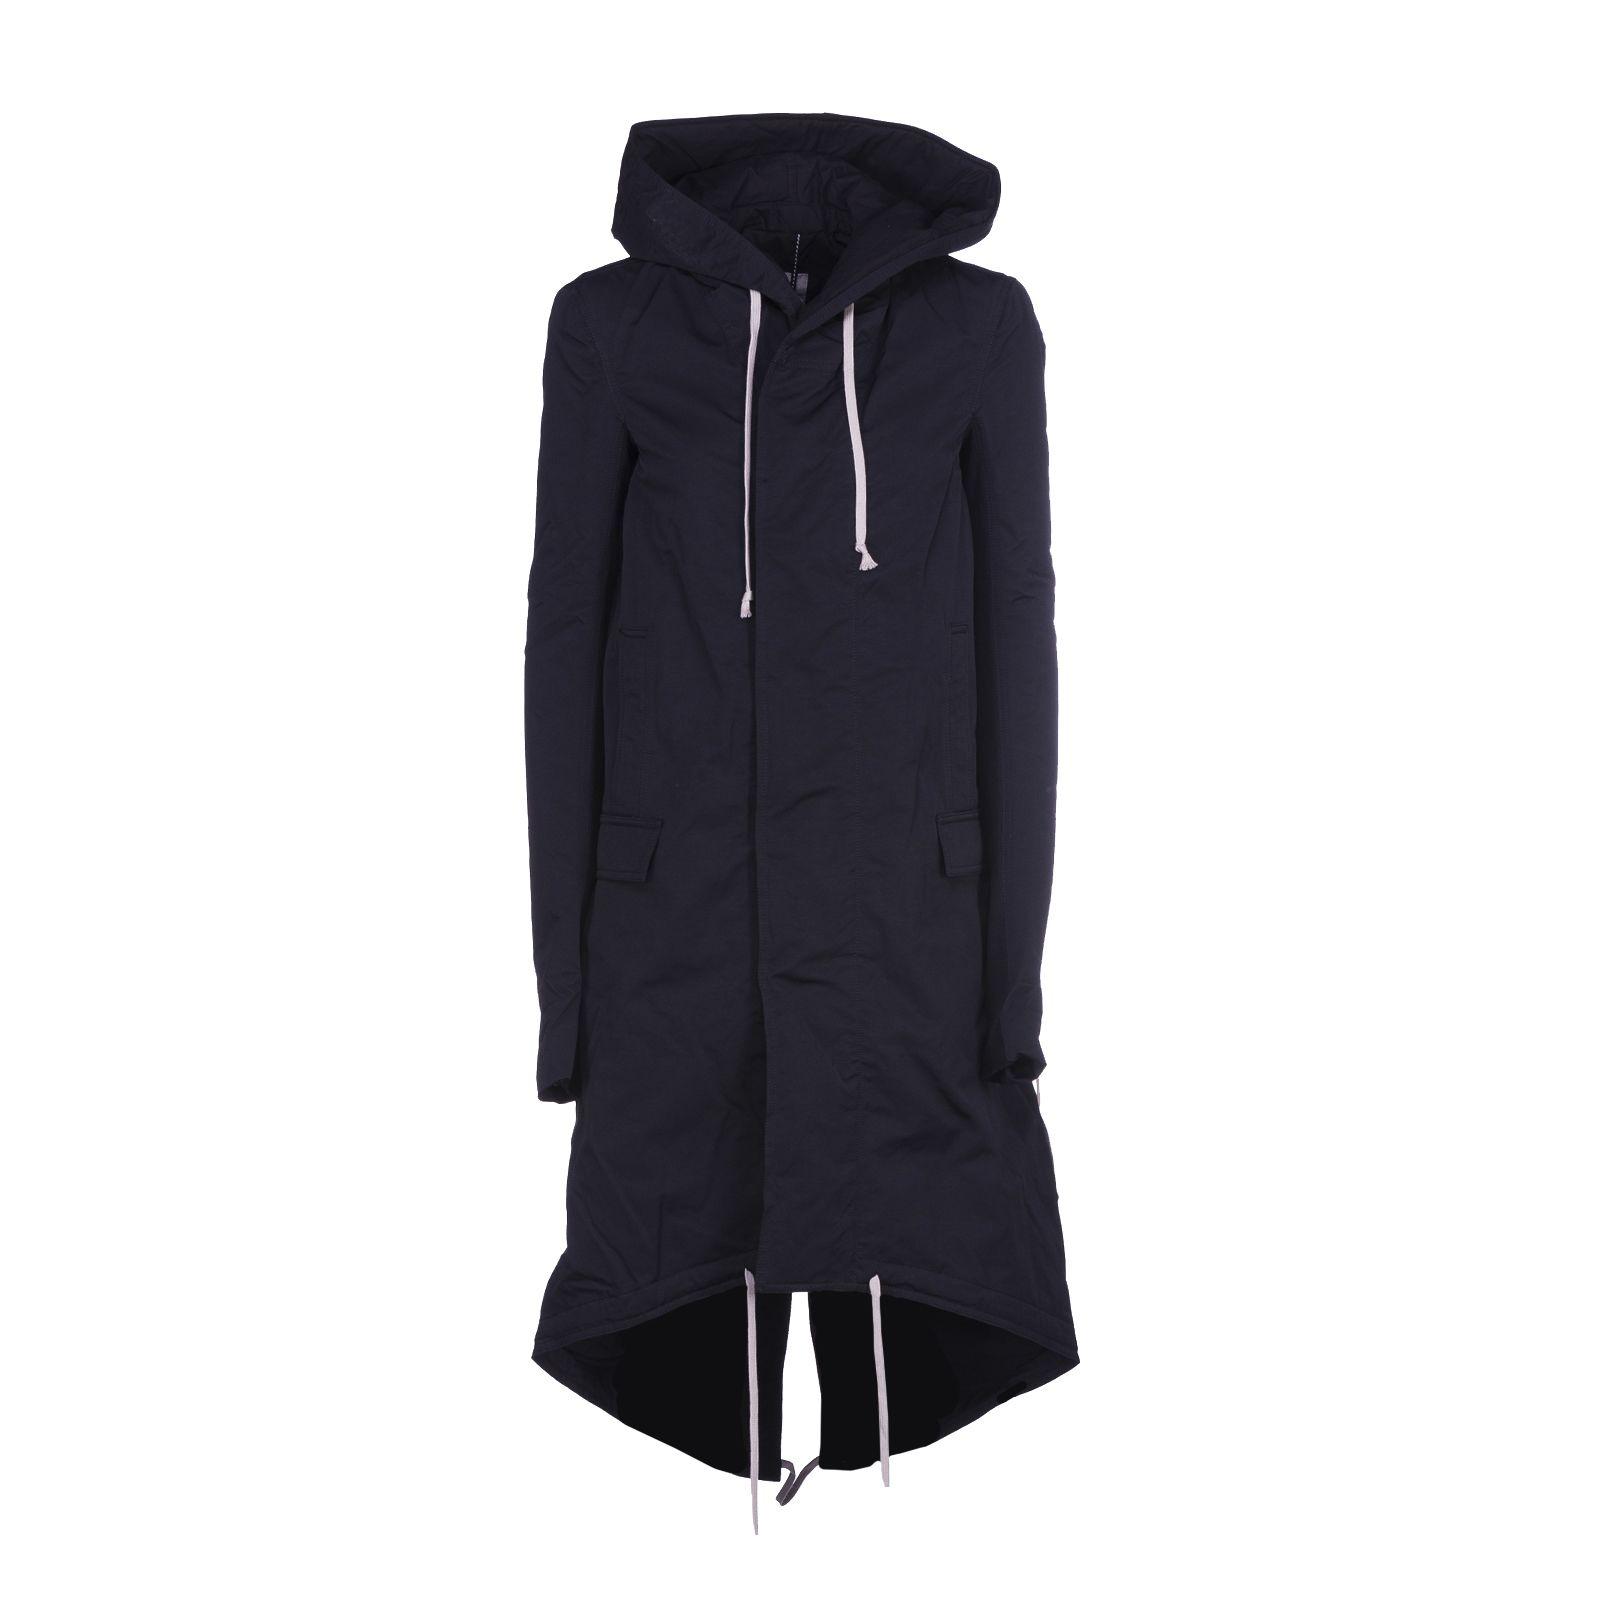 Rick Owens Drkshdw Hooded Coat